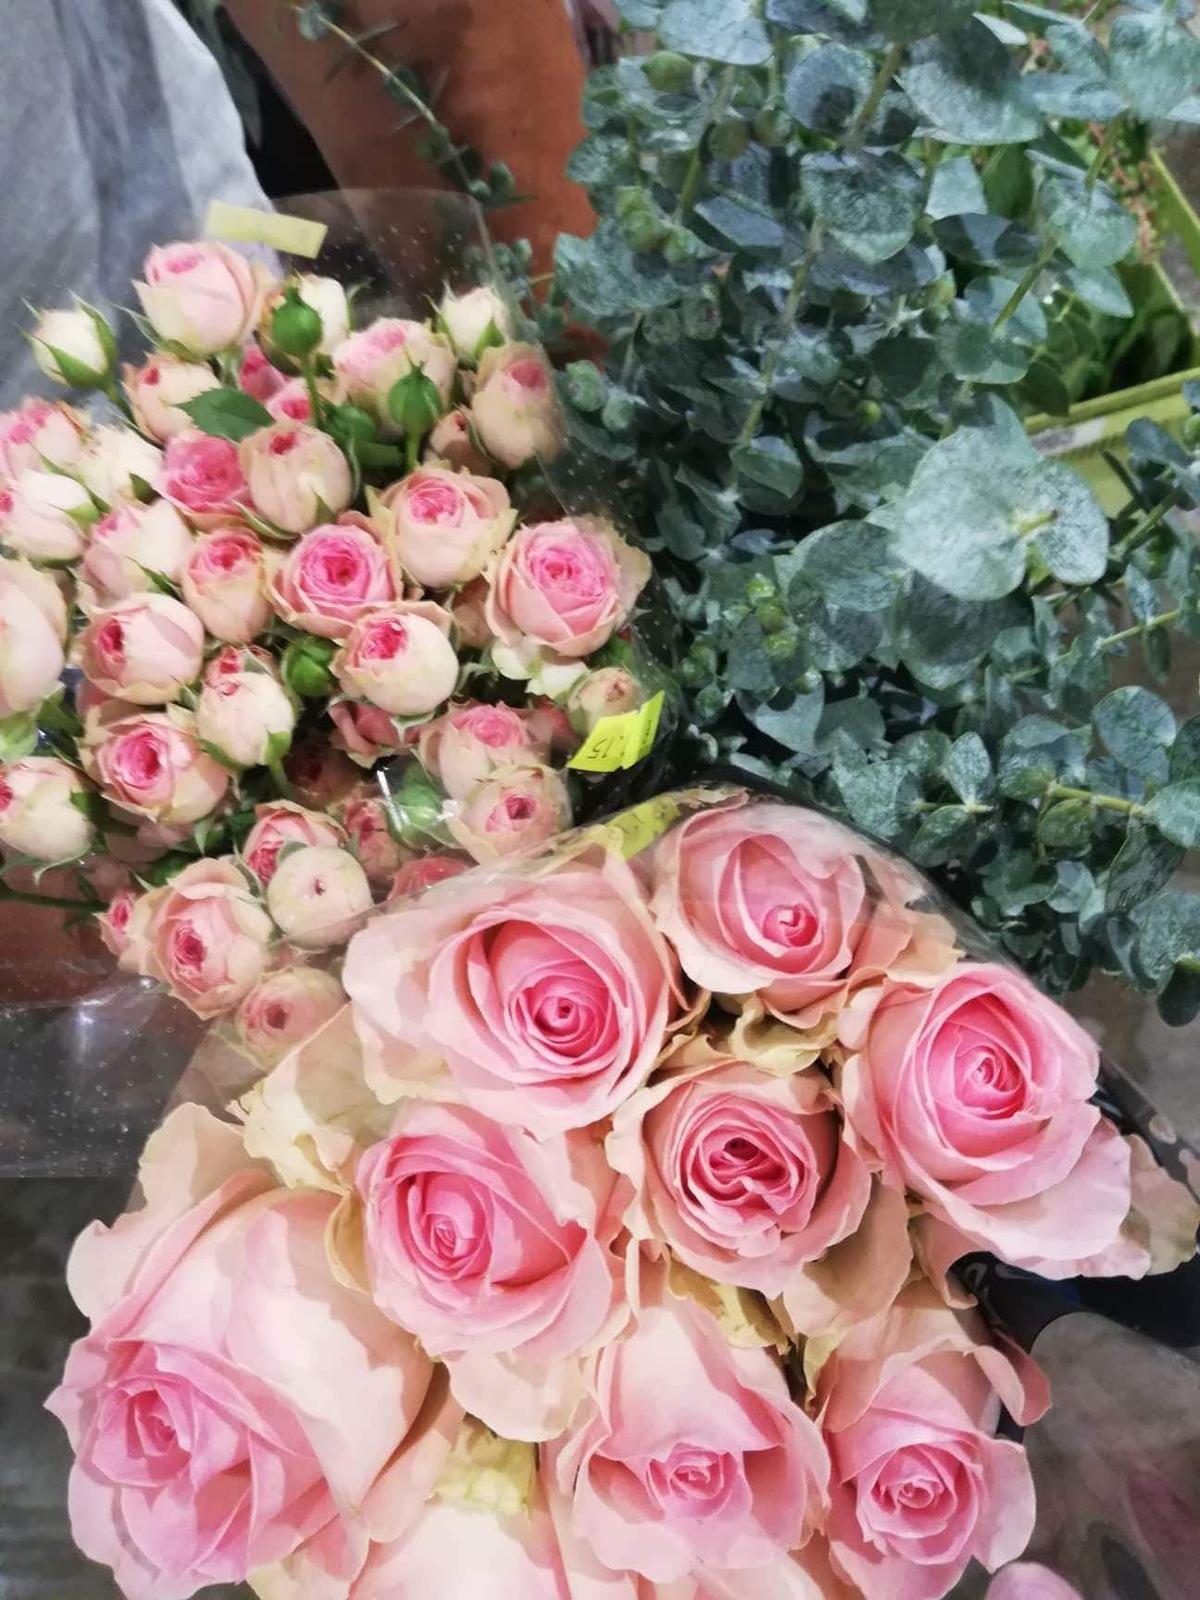 Nasa wellness svadba 5.10.2018 - Kvety na kyticu a vyzdobu vybrate za skvelej asistencie mojej floristky a zaroven blizkej priatelky <3